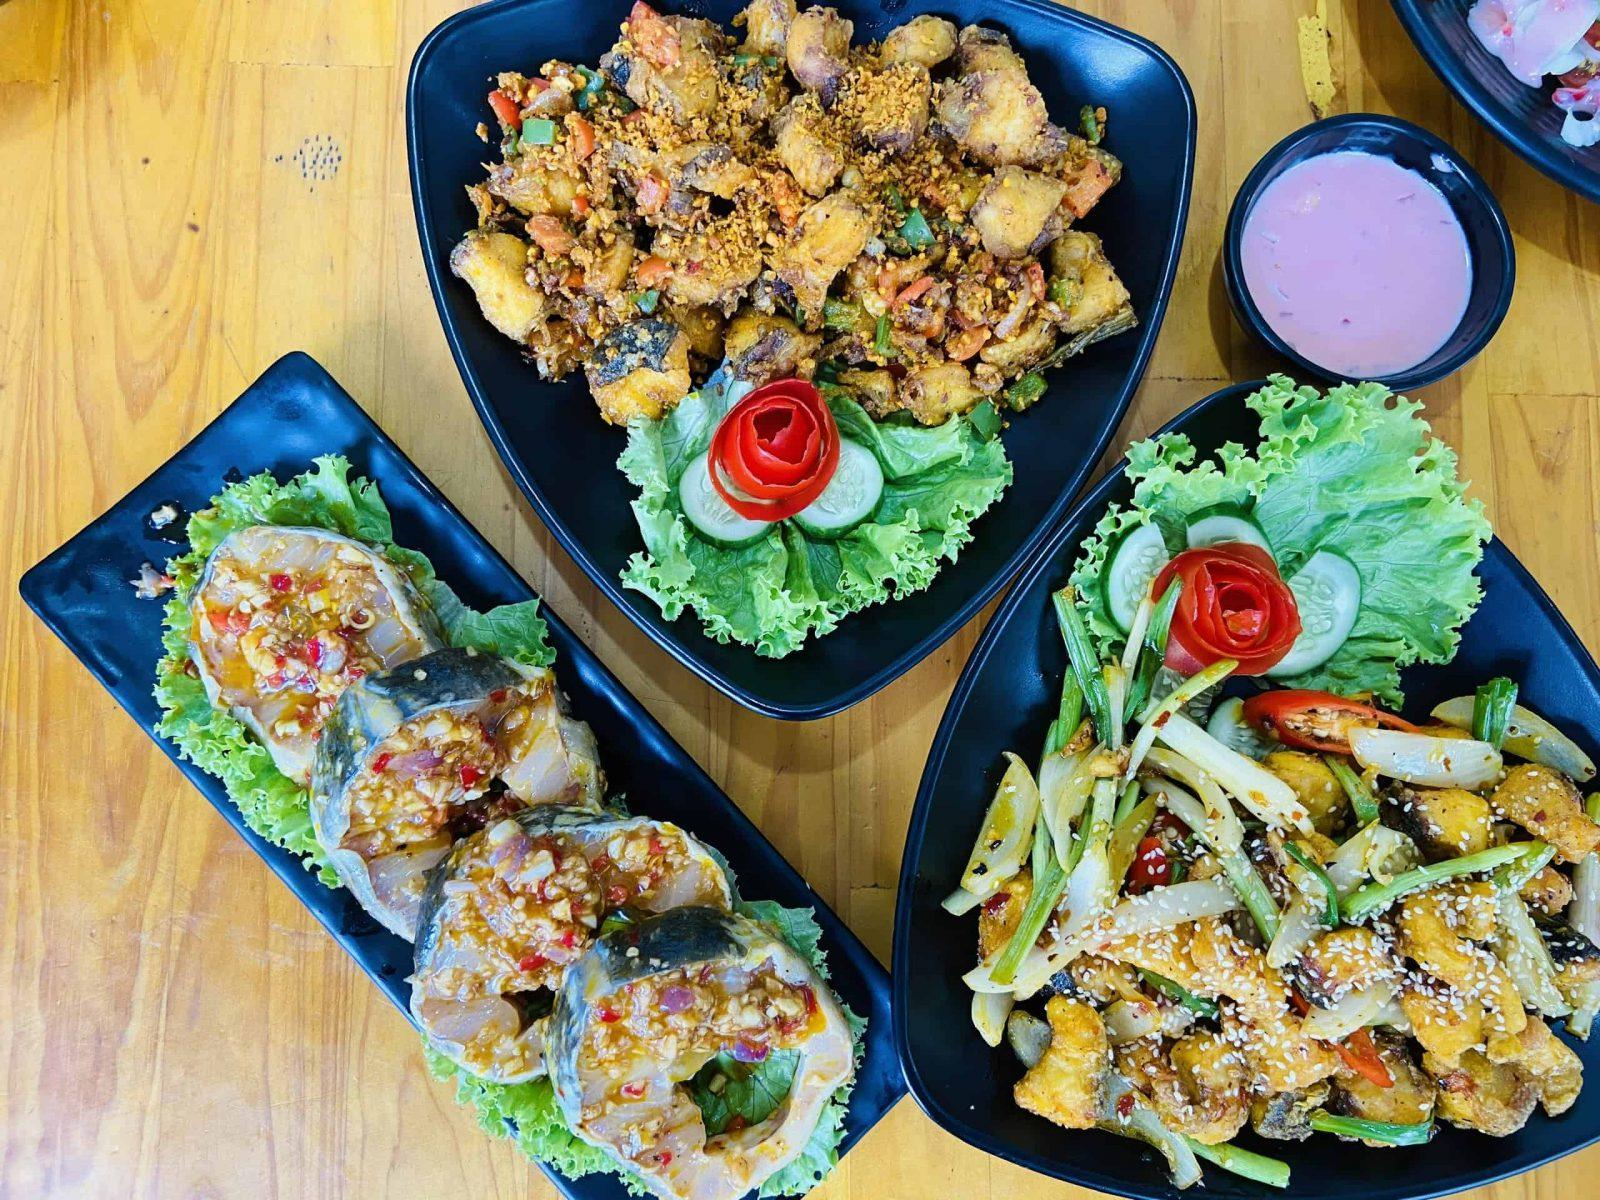 các món ăn khác ở quán lẩu cá tầm măng chua